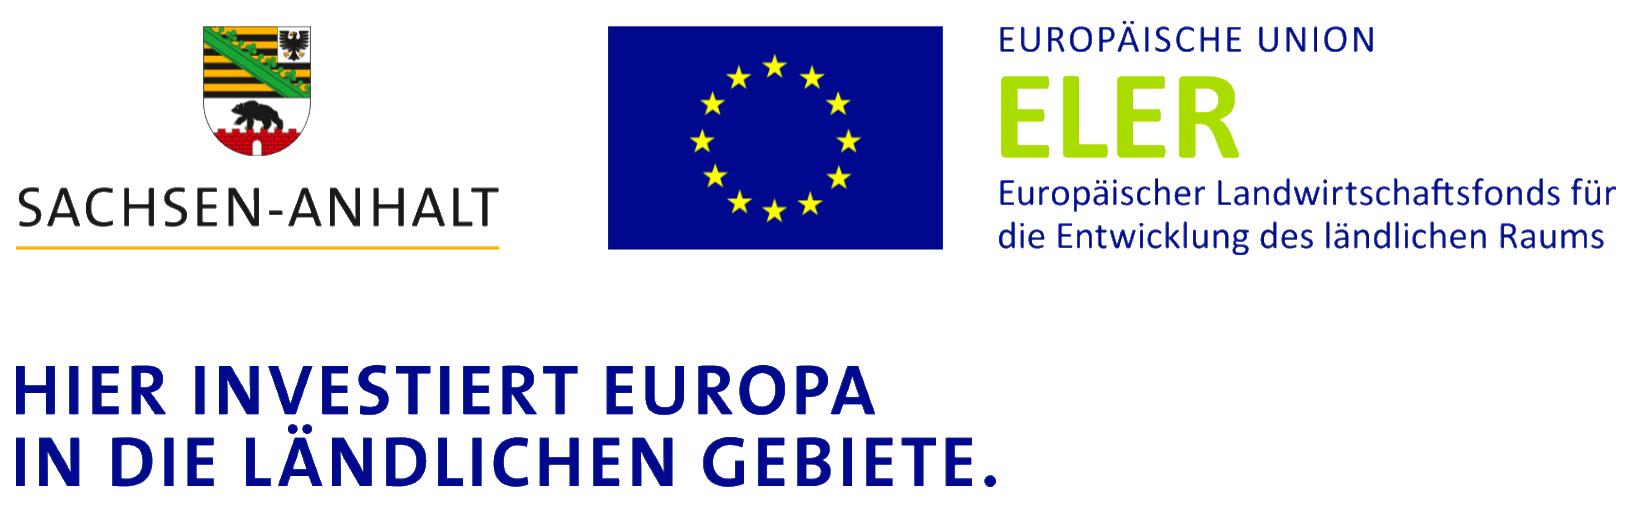 Signet-Paar, Sachsen-Anhalt, EU, ELER